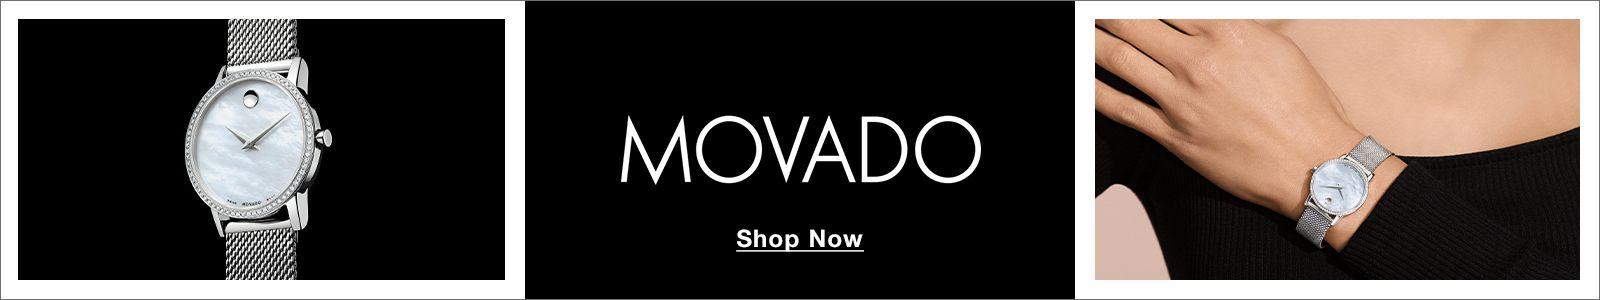 Movado, Shop Now